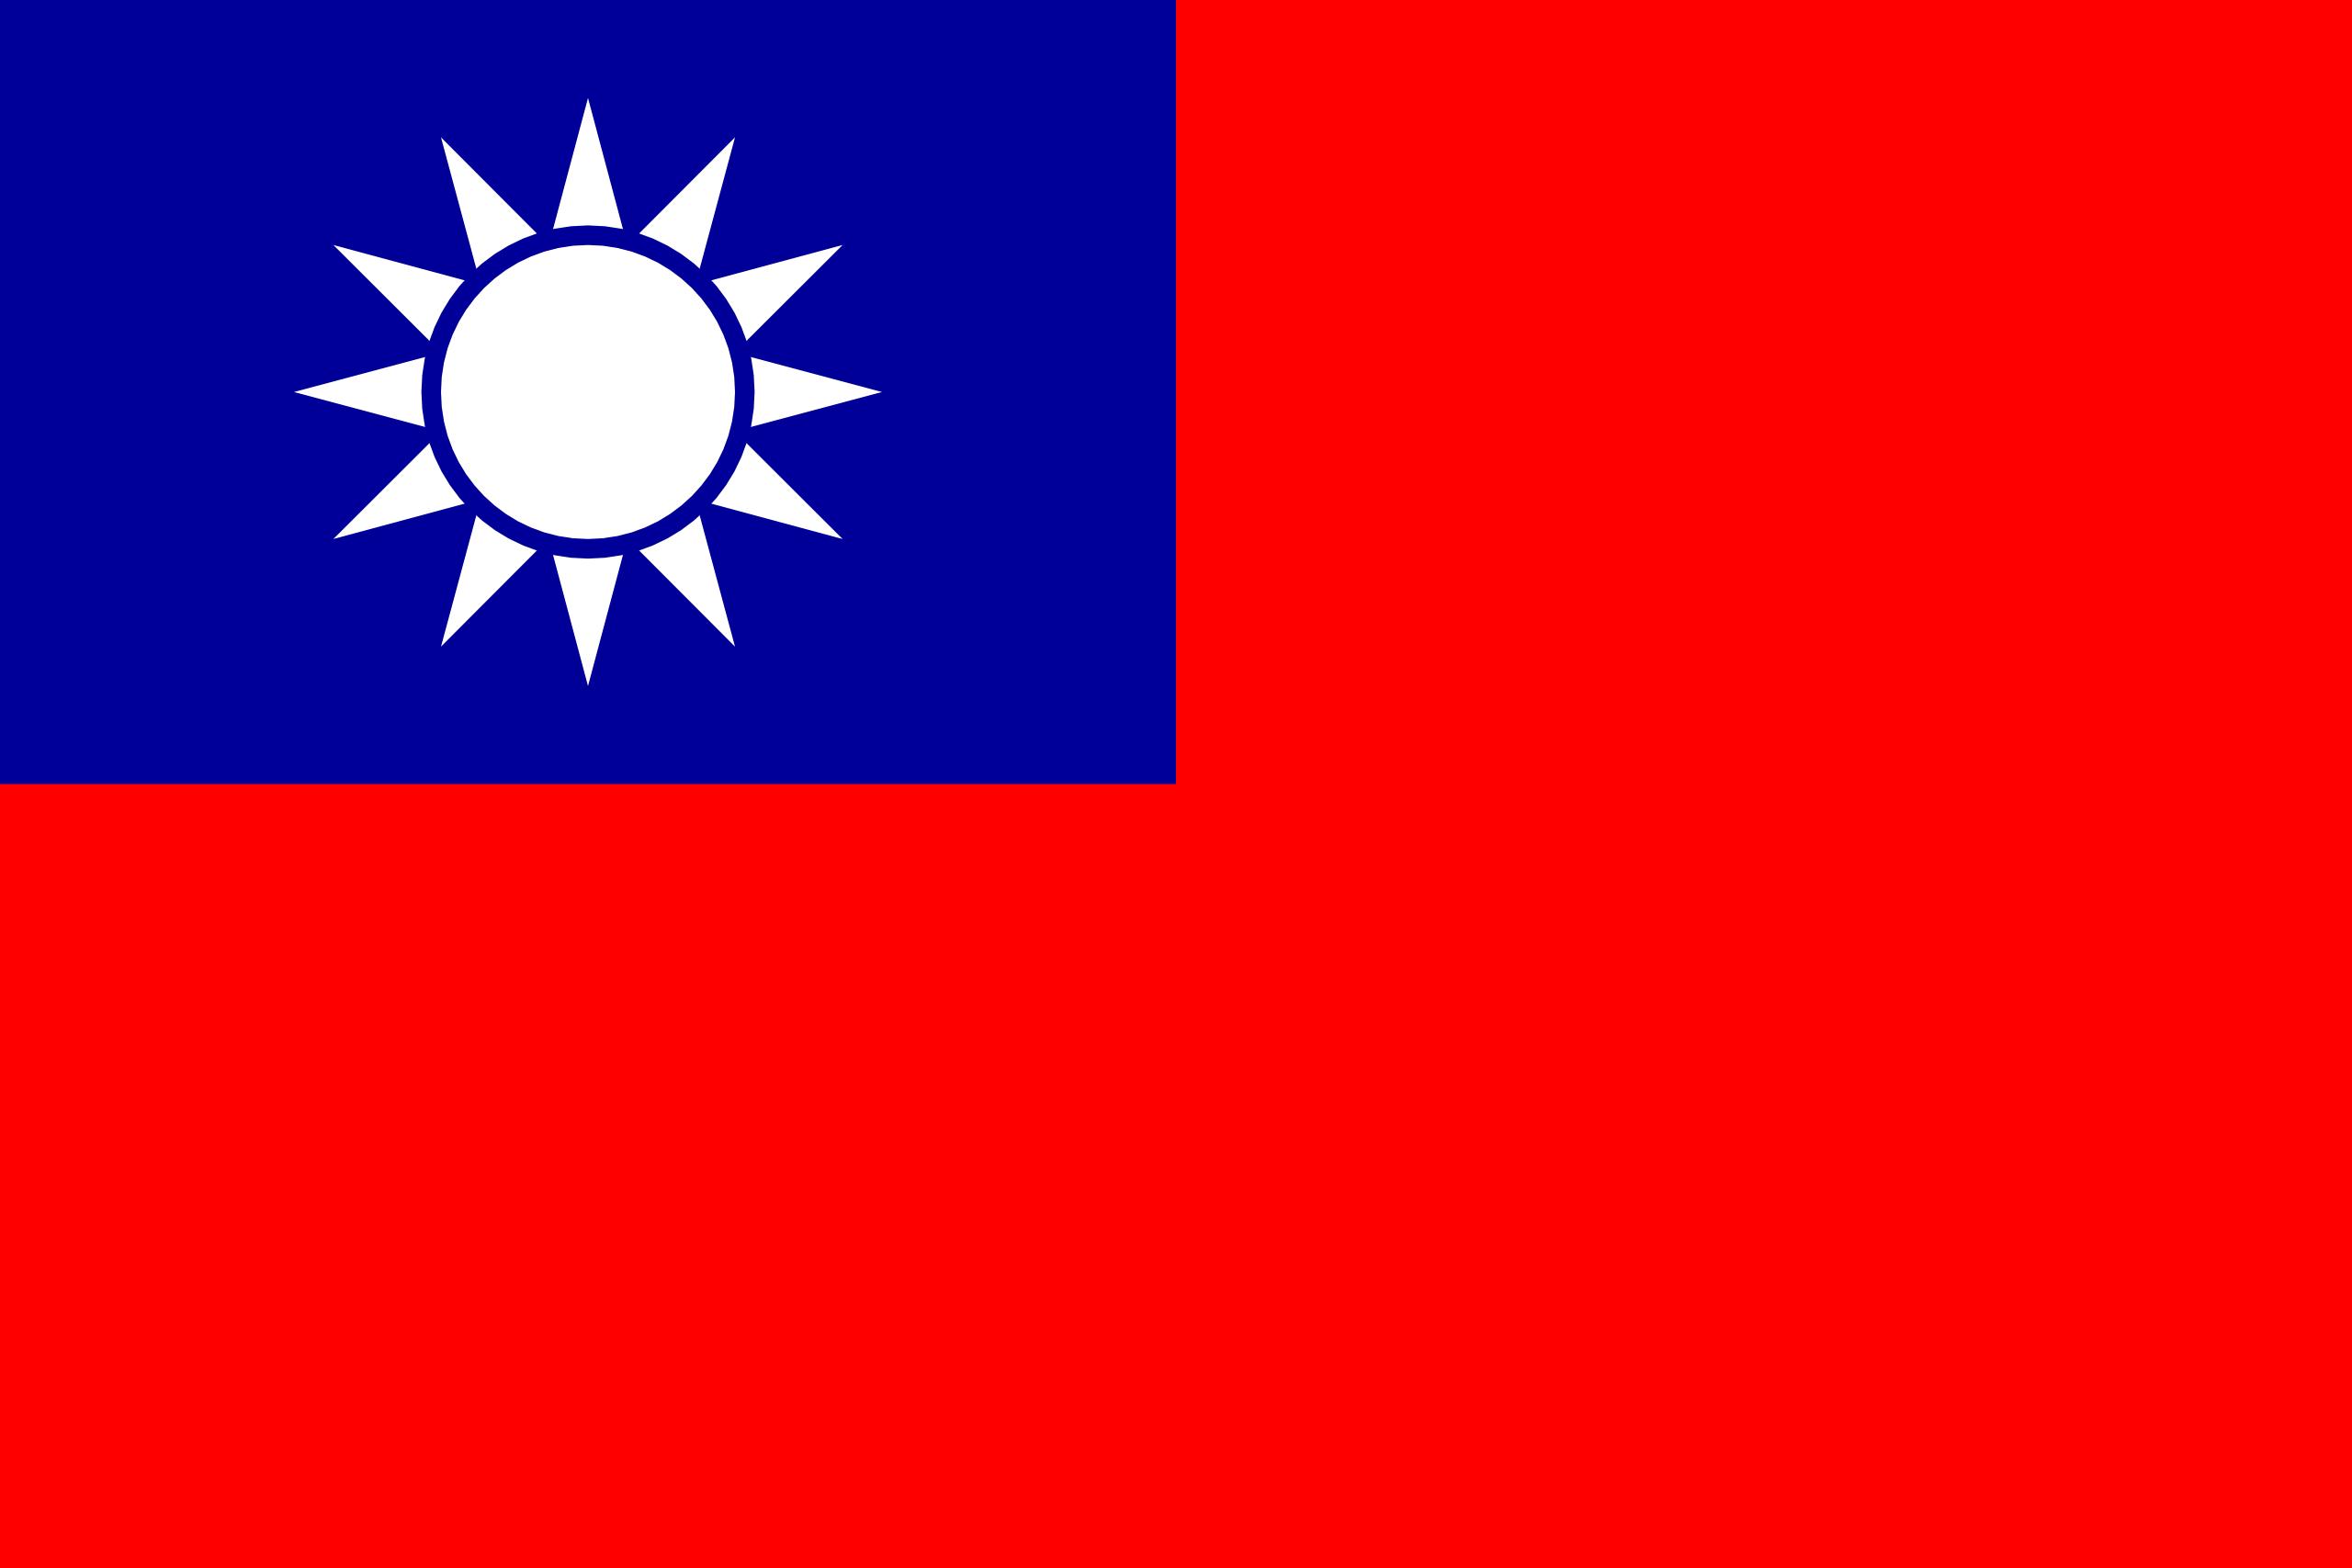 república de china, 国, エンブレム, ロゴ, シンボル - HD の壁紙 - 教授-falken.com